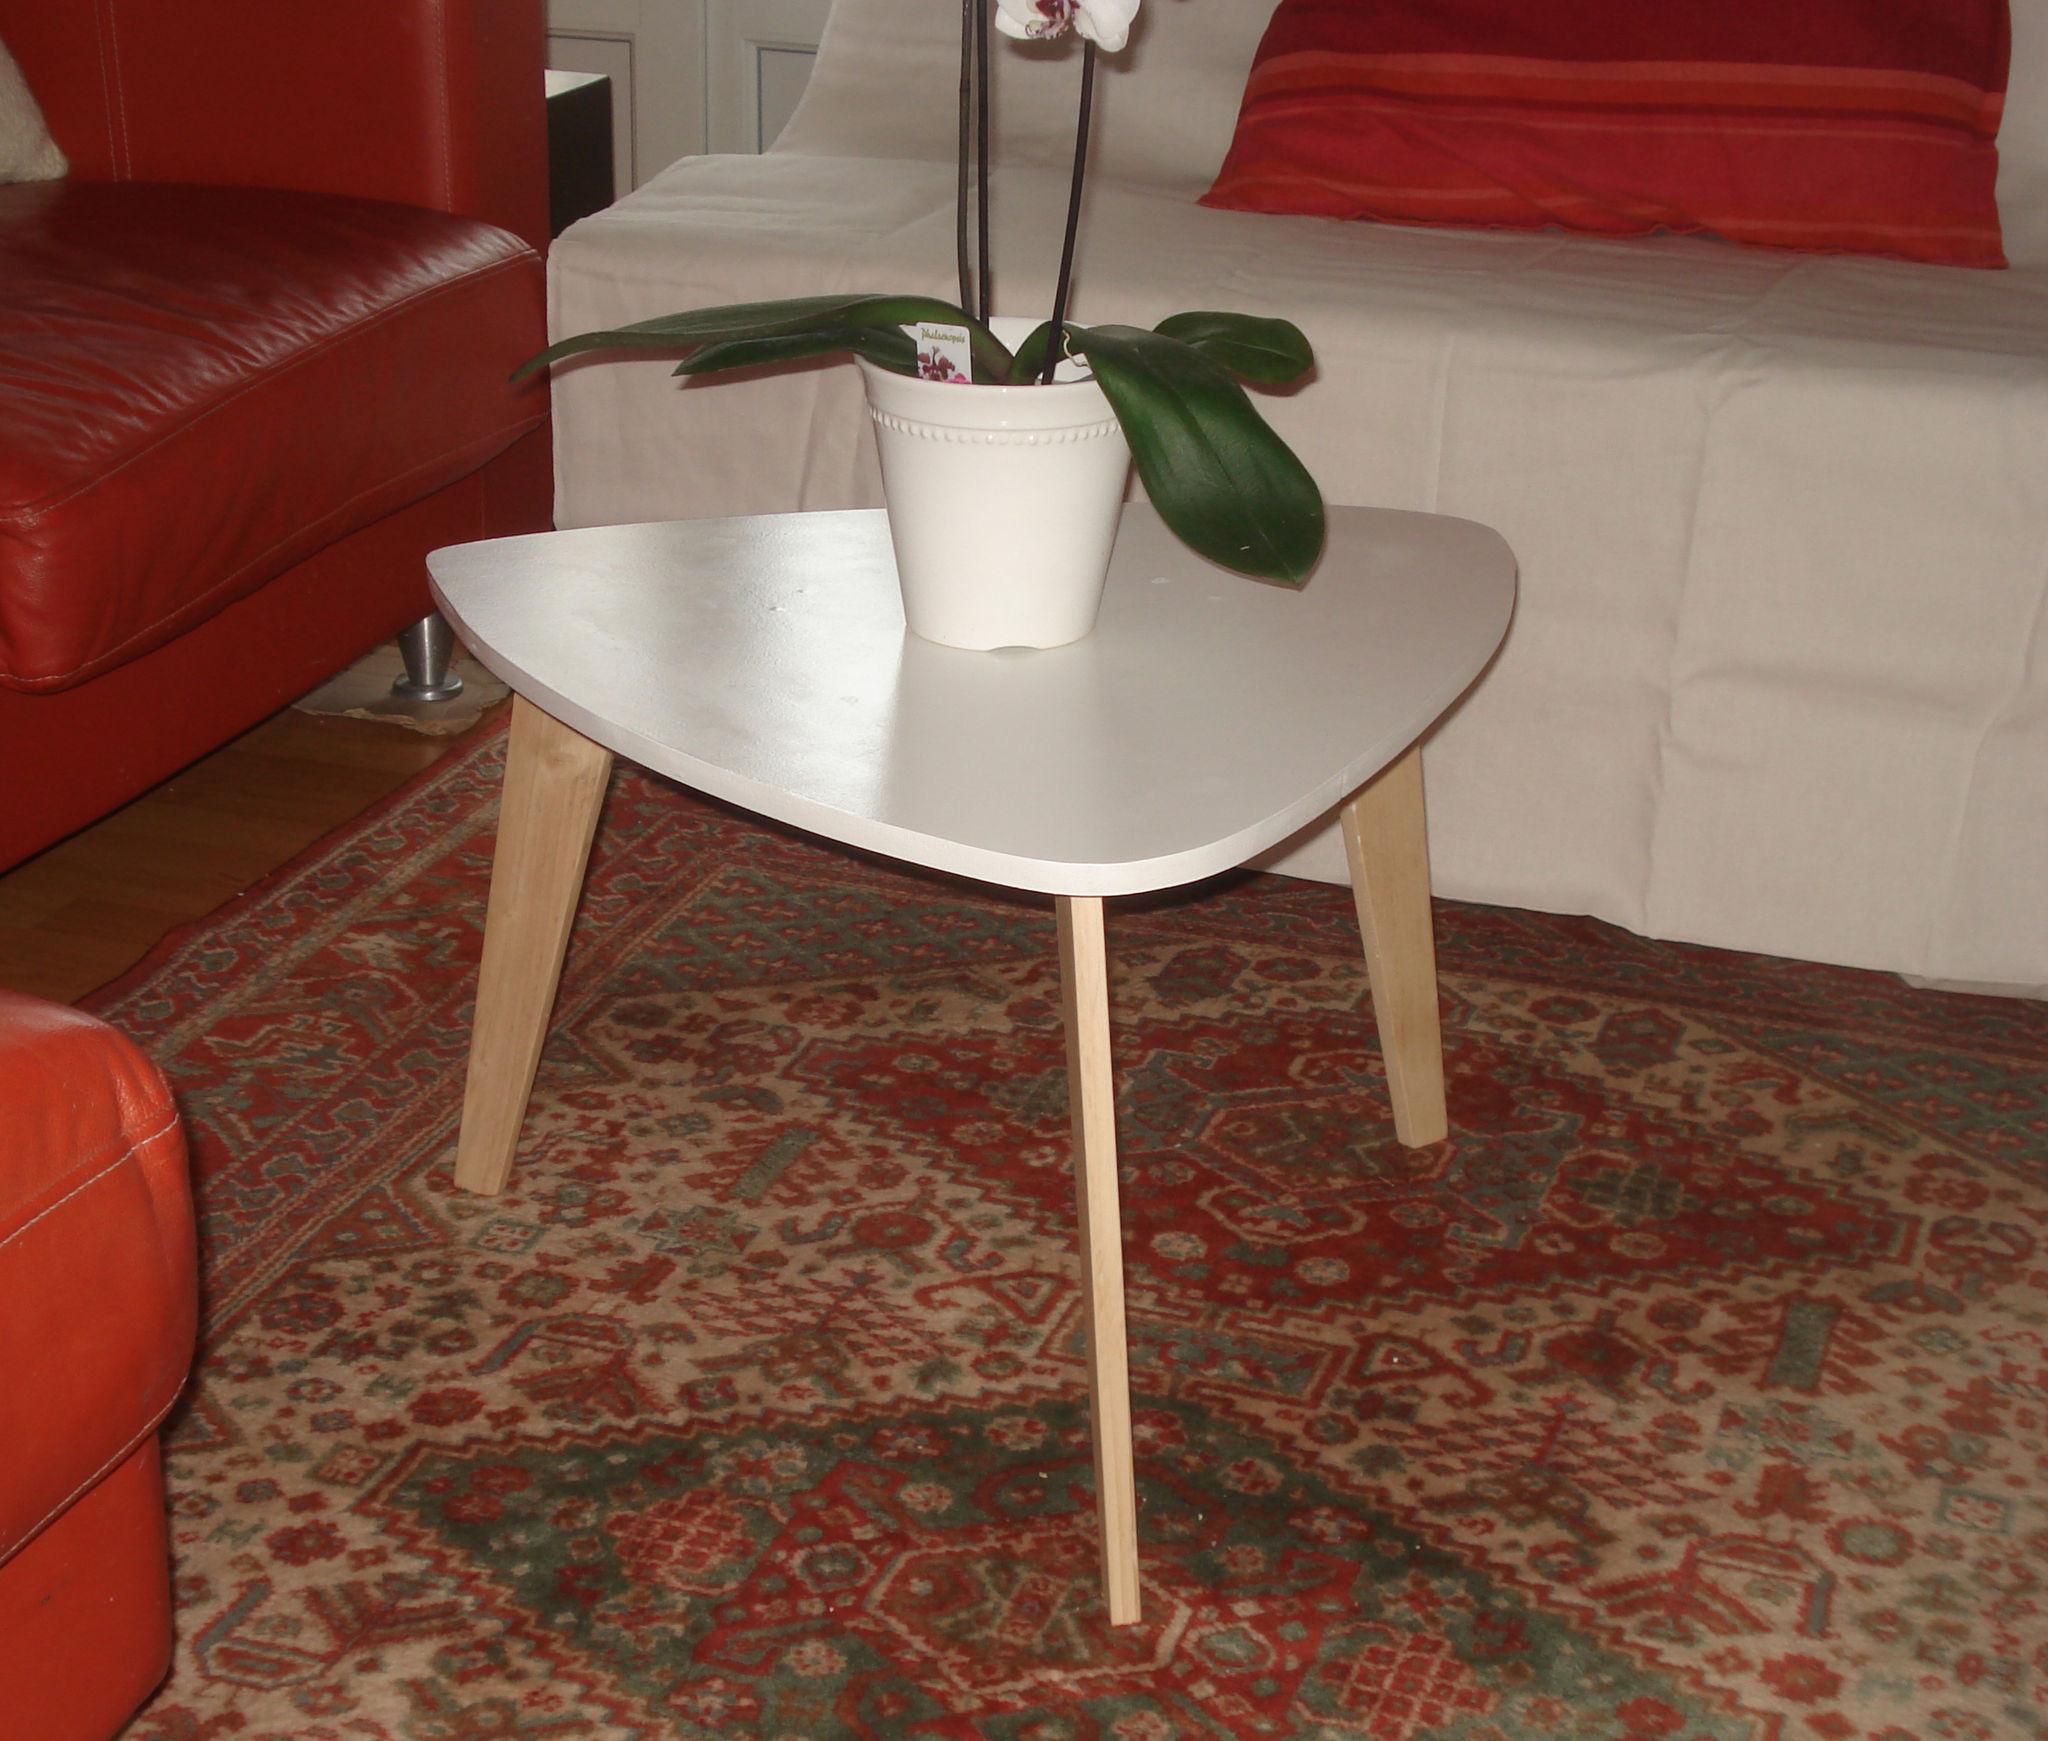 Tuto Table Basse Bois table basse style années 50 - le blog de béa